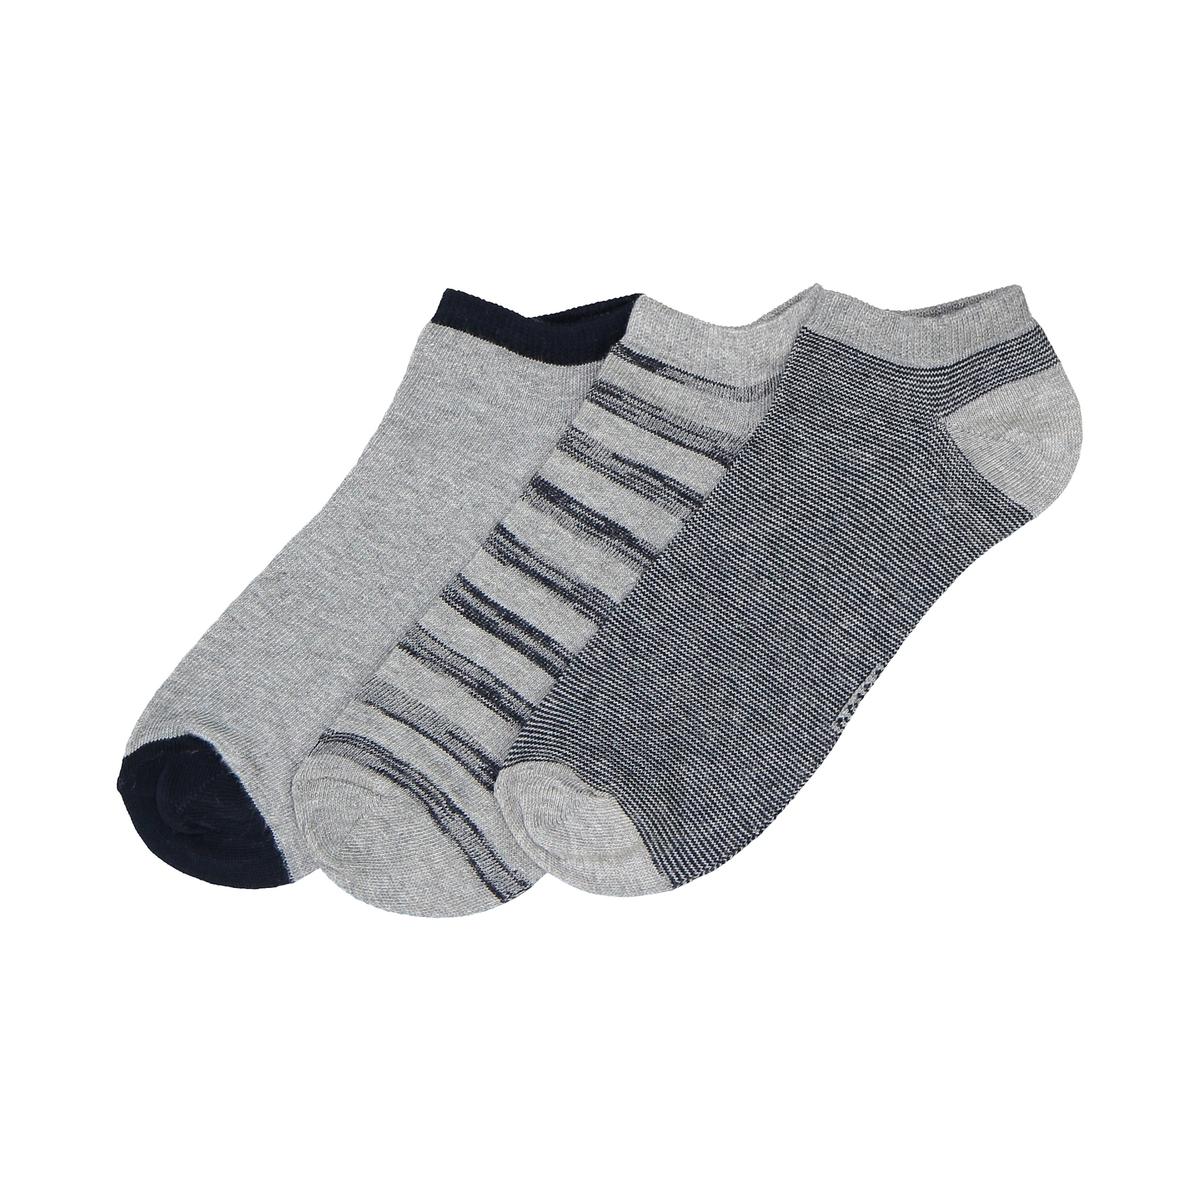 Носки низкие, оригинальные, комплект из 3 парОписание:Комплект из 3 пар низких носков прекрасно сочетается с низкой обувью  носки в полоску, в мелкую полоску и однотонные несомненно стоит приобрести...Состав и описание :Комплект из 3 пар низких носков: 1 пара в мелкую полосу, 1 пара в полосу с потёртым эффектом, 1 однотонная пара Материал : 75%хлопка, 24% полиамида, 1% эластанаУход :Машинная стирка при  30°C с вещами подобных цветов.Стирать, сушить и гладить с изнаночной стороны.Машинная сушка на умеренном режиме.Гладить при умеренной температуре.<br><br>Цвет: серый/ темно-синий<br>Размер: 23/26.39/42.31/34.27/30.35/38